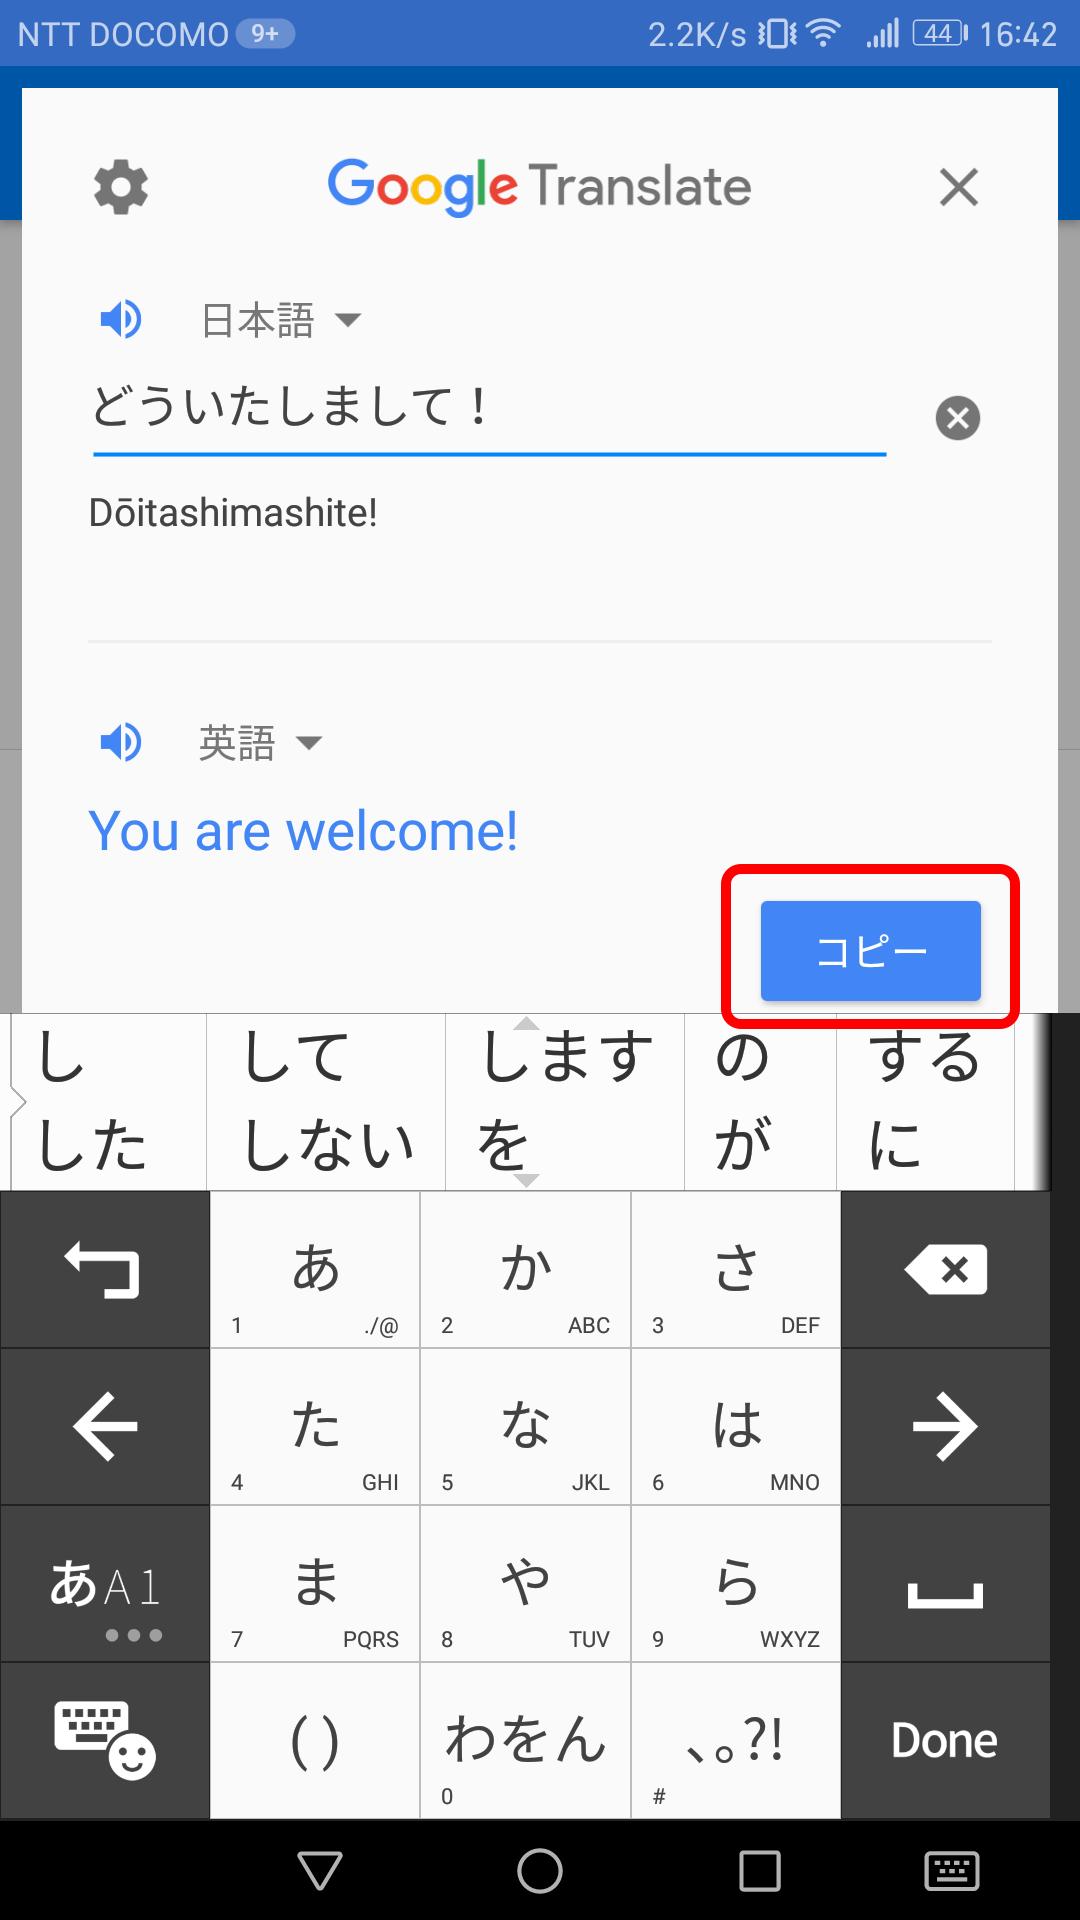 日本語を入力するとリアルタイムに英訳されるので「コピー」をタップ